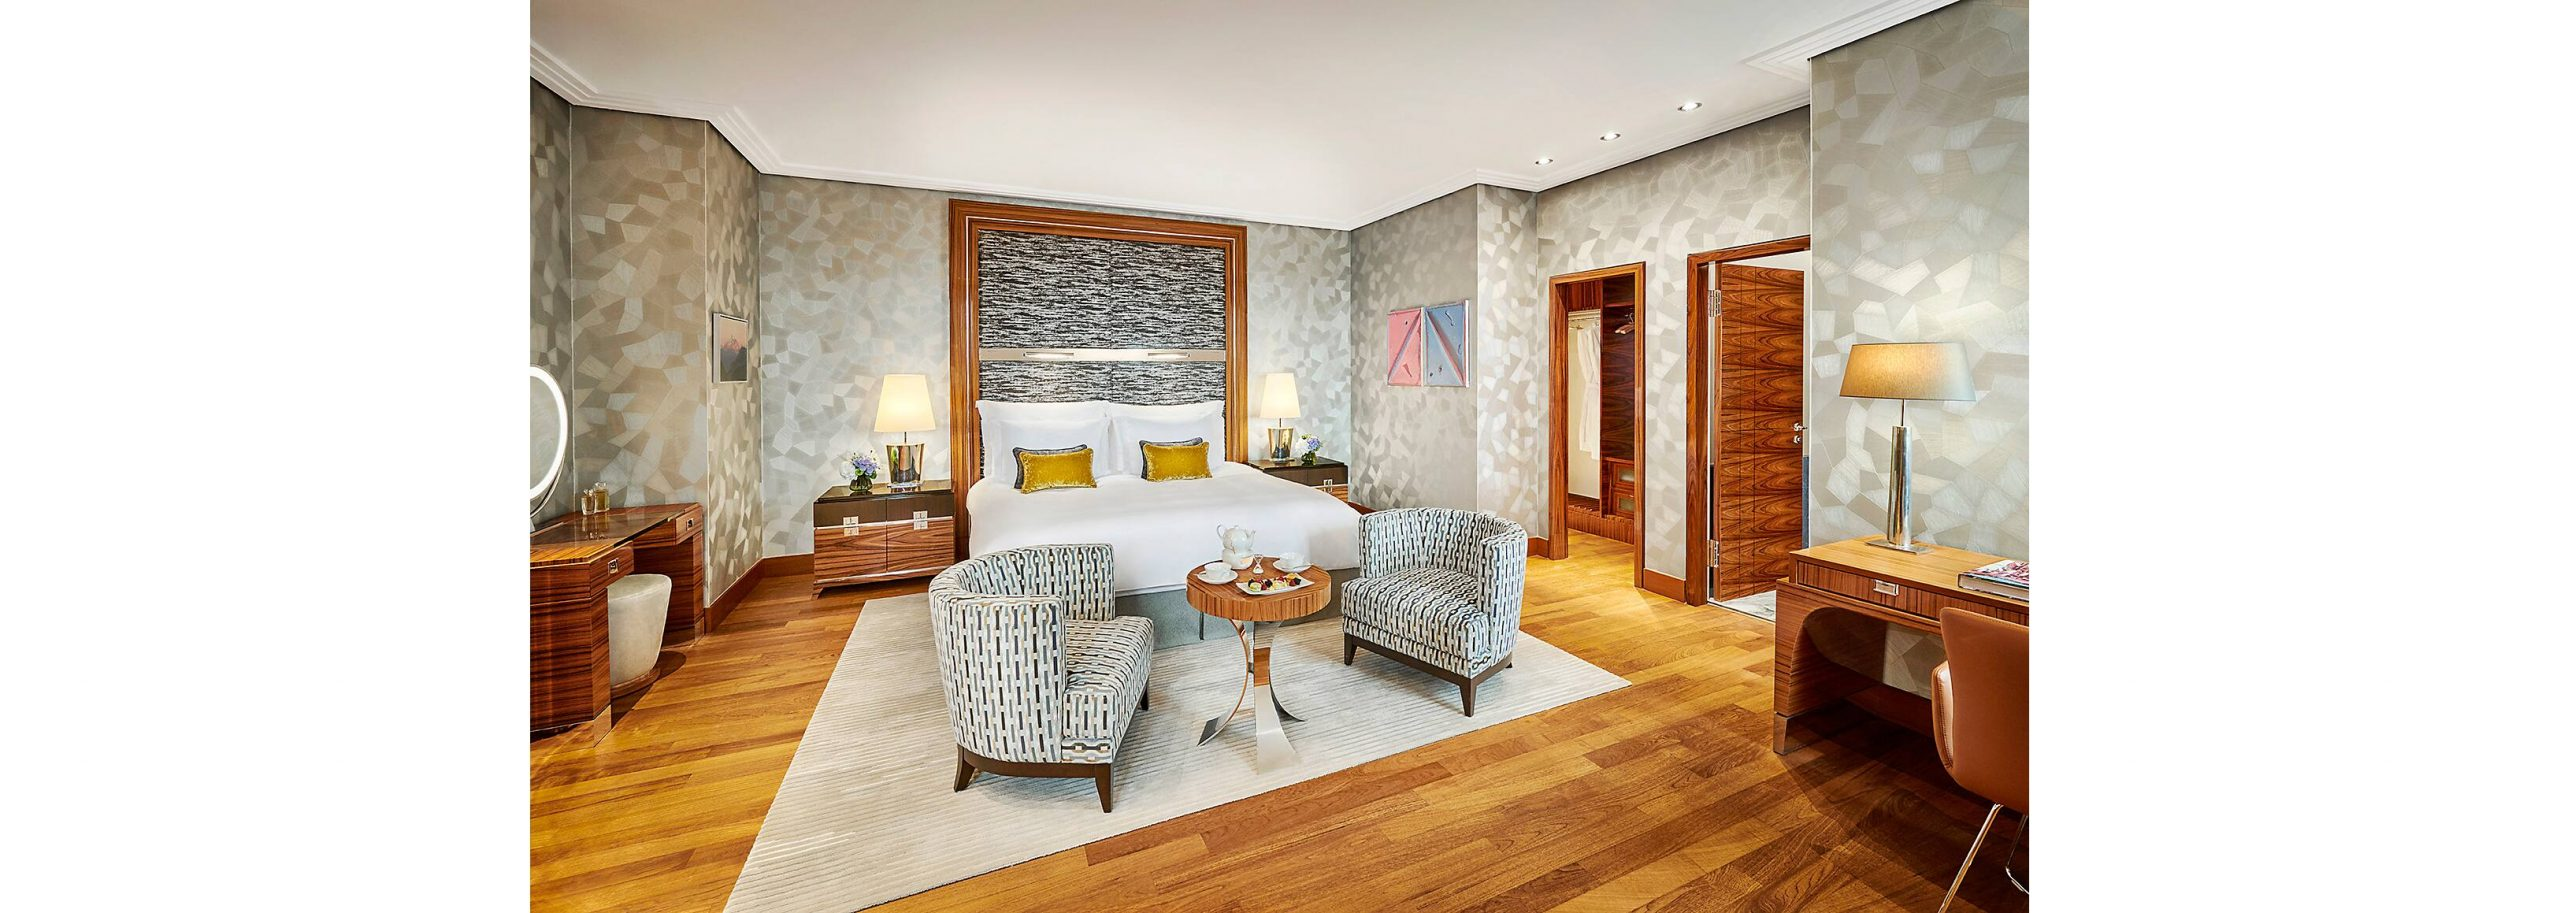 Mandarin_Oriental_munich-suite-presidential-suite-bedroom